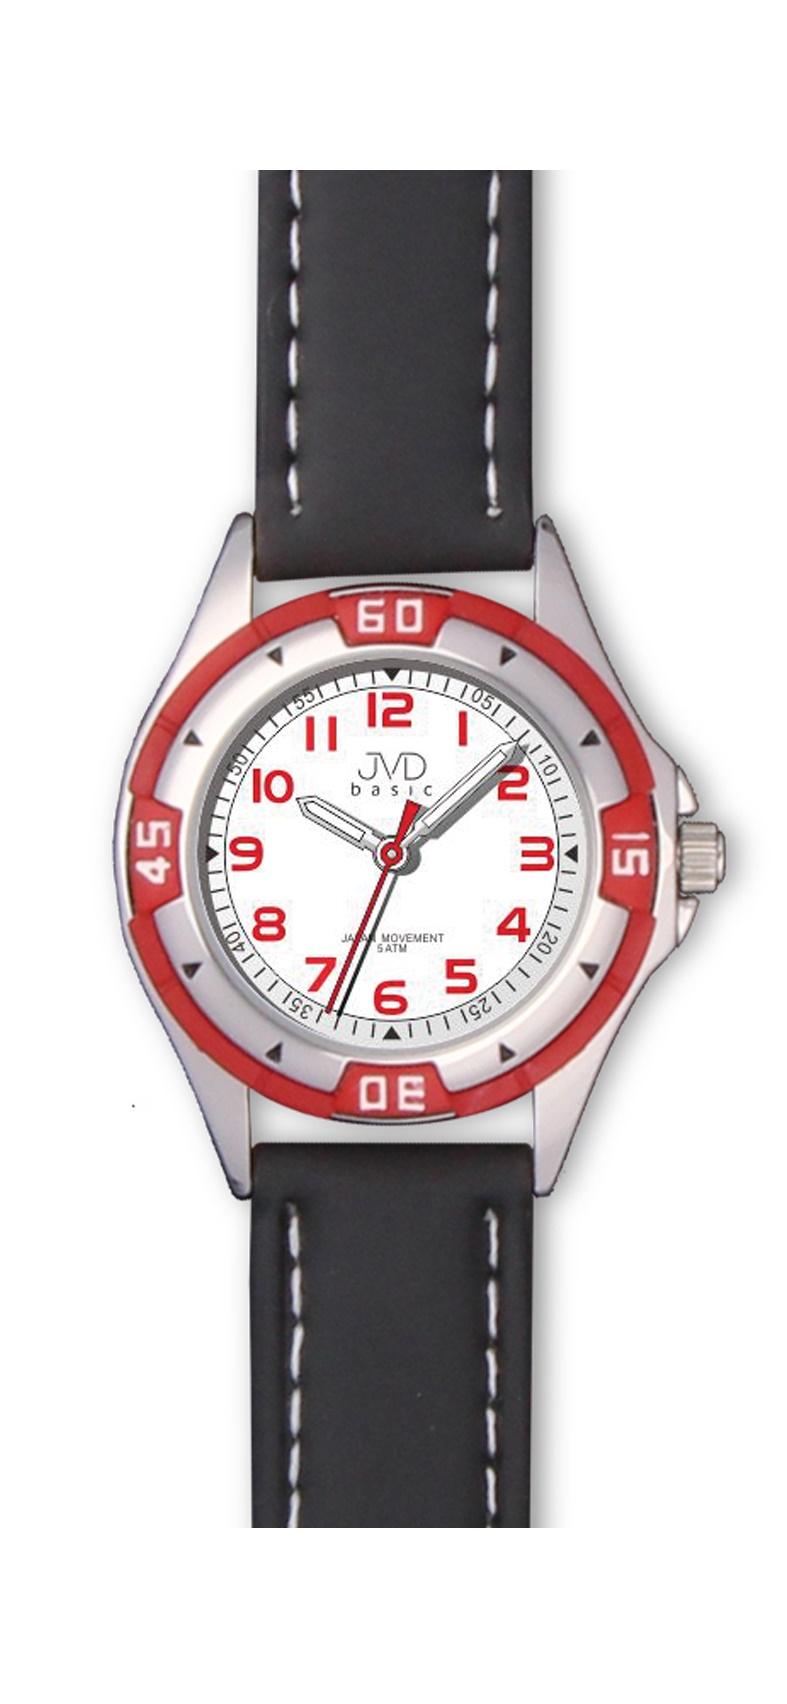 Chlapecké dětské voděodolné sportovní hodinky JVD J7099.1 - 5ATM